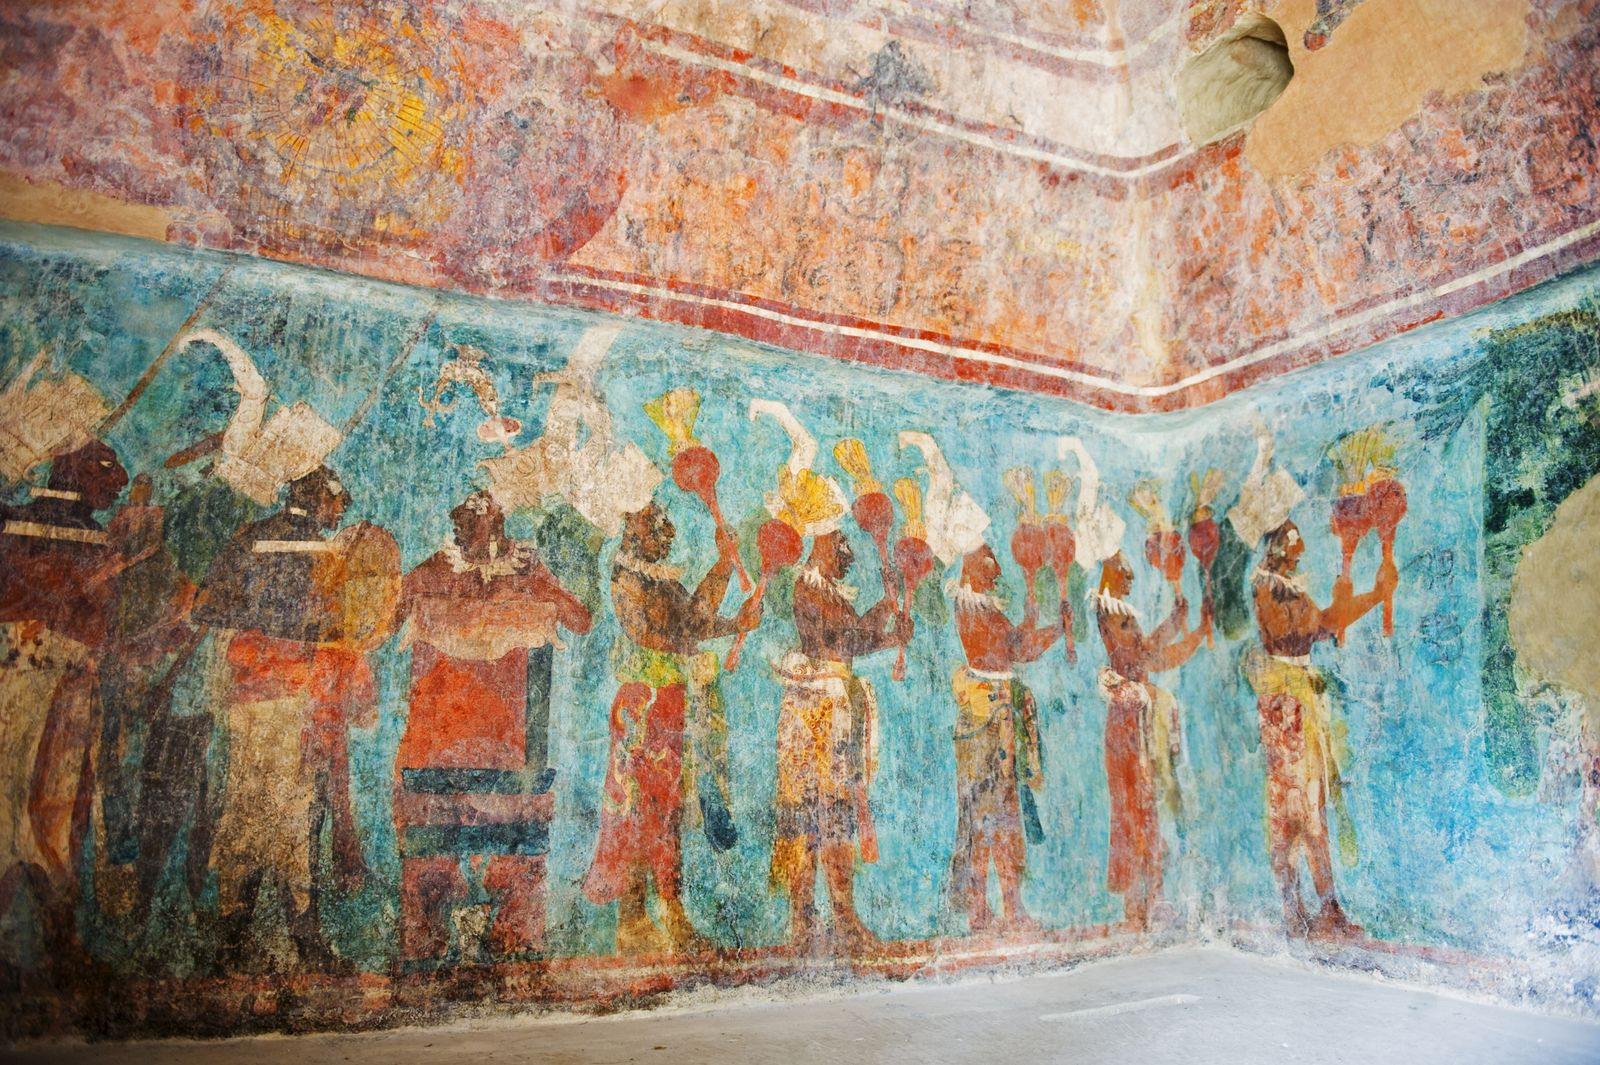 NICHT MEHR VERWENDEN! - AUSGEGRABEN Maya Wandmalerei